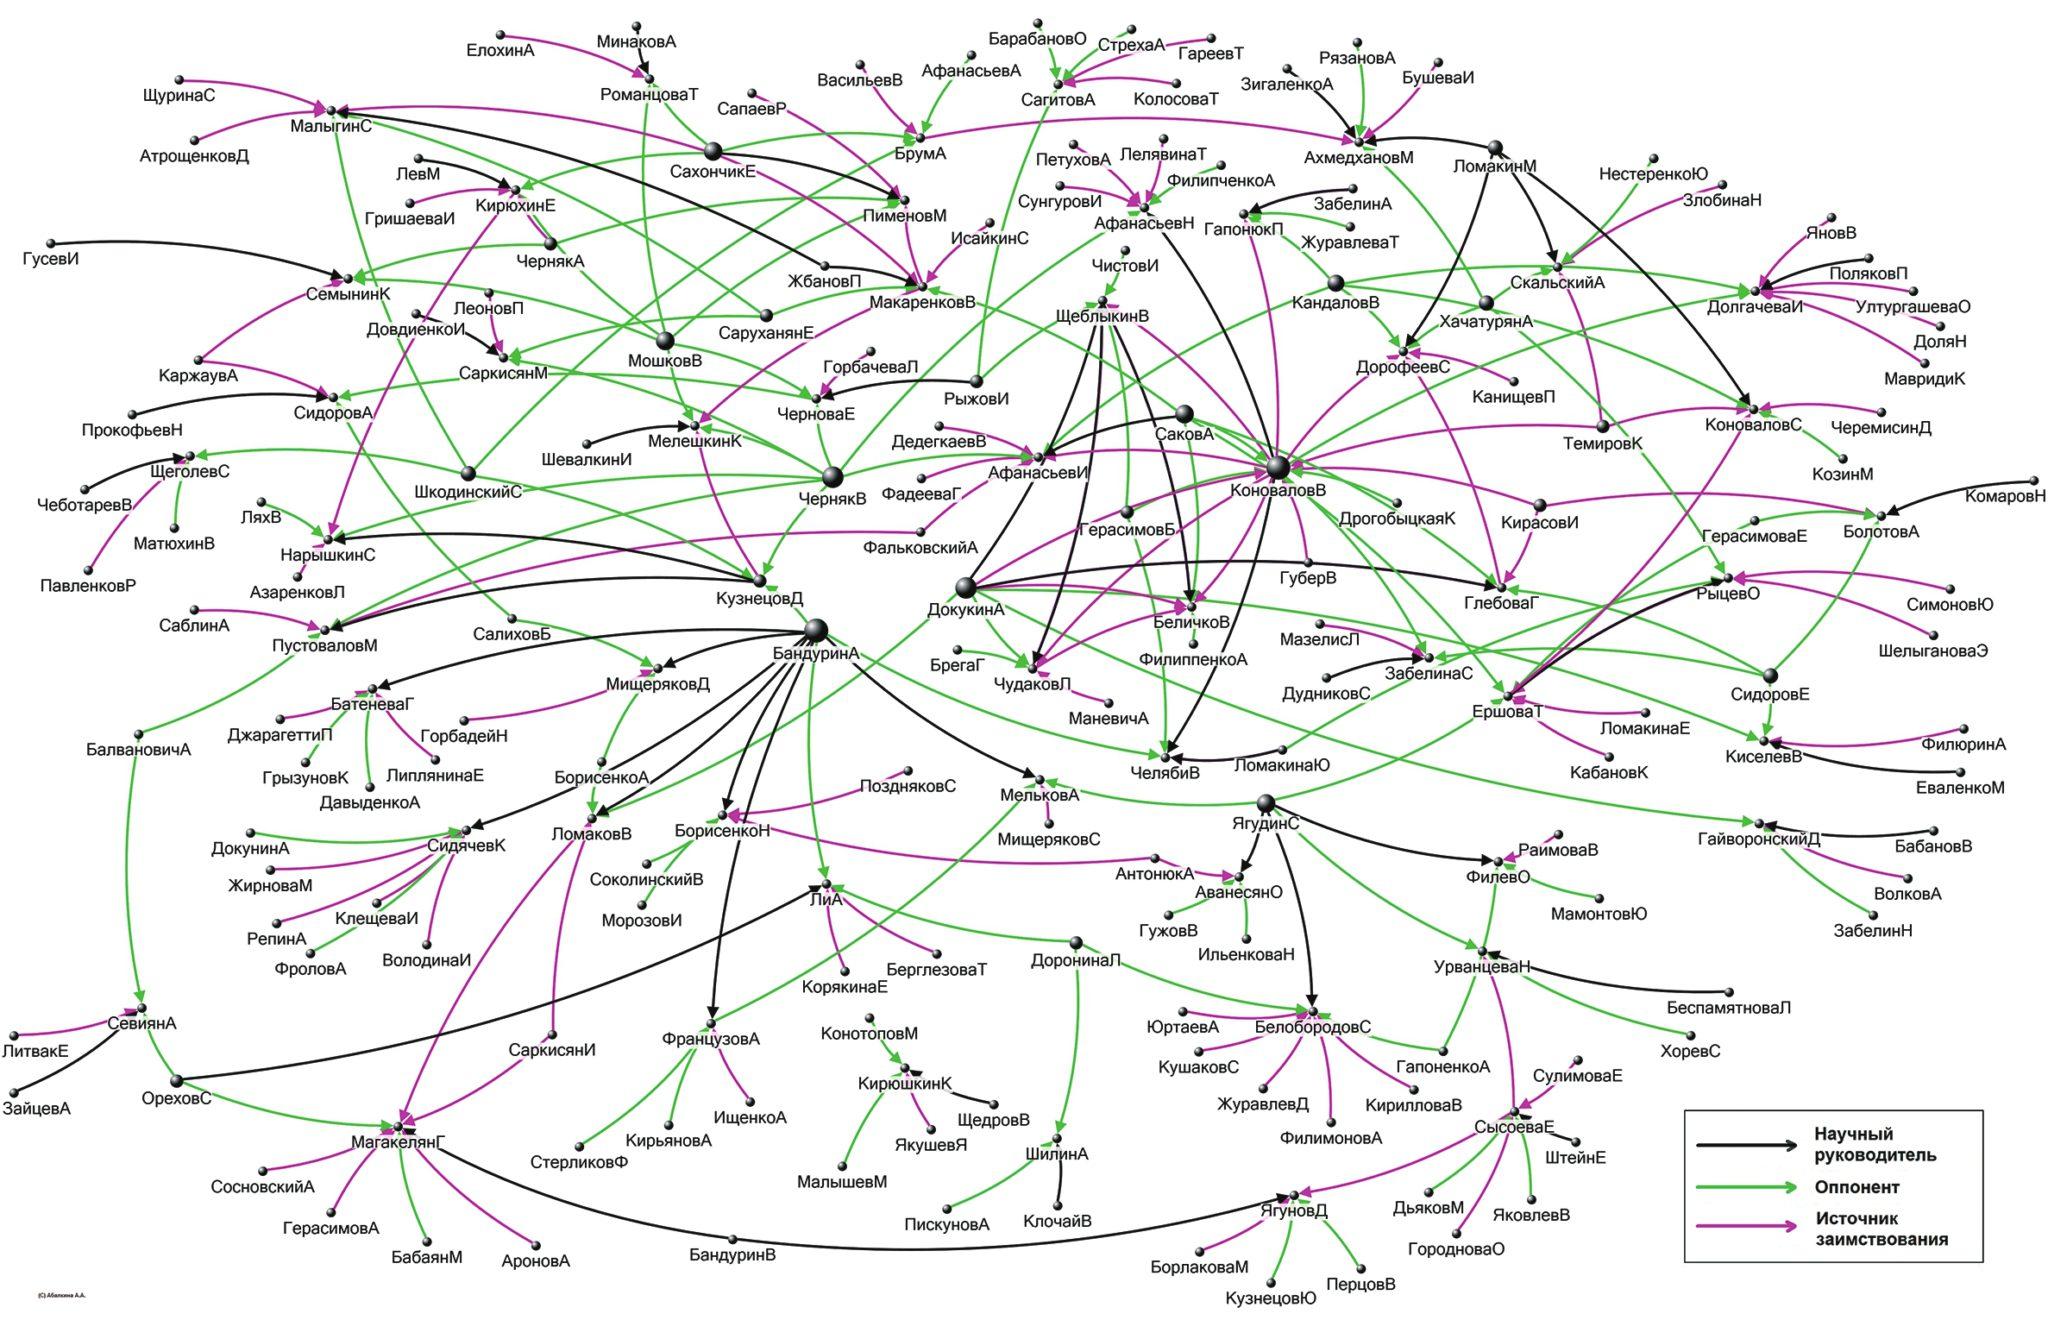 Рис. 1. Сеть липовых диссертаций в Стандартинформе в 2007–2012 годах